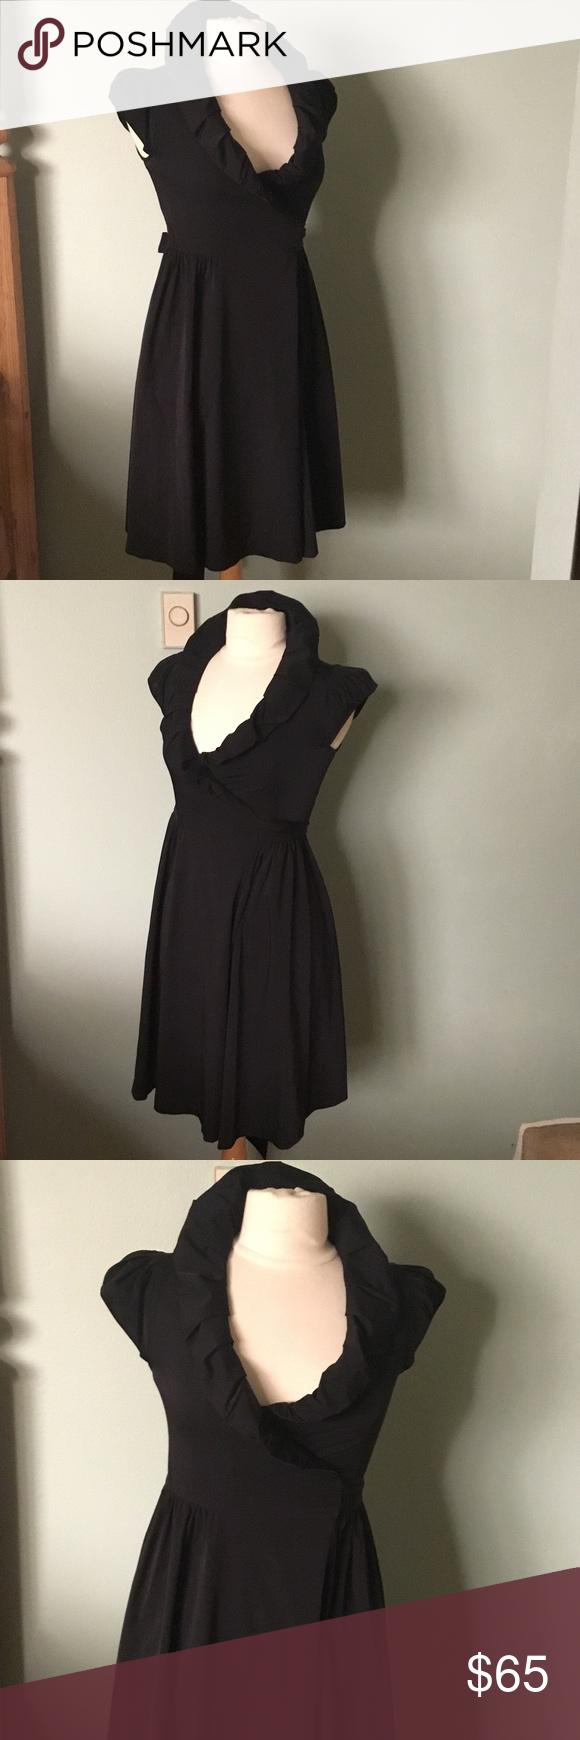 Diane von furstenberg black wrap dress size great dress by diane